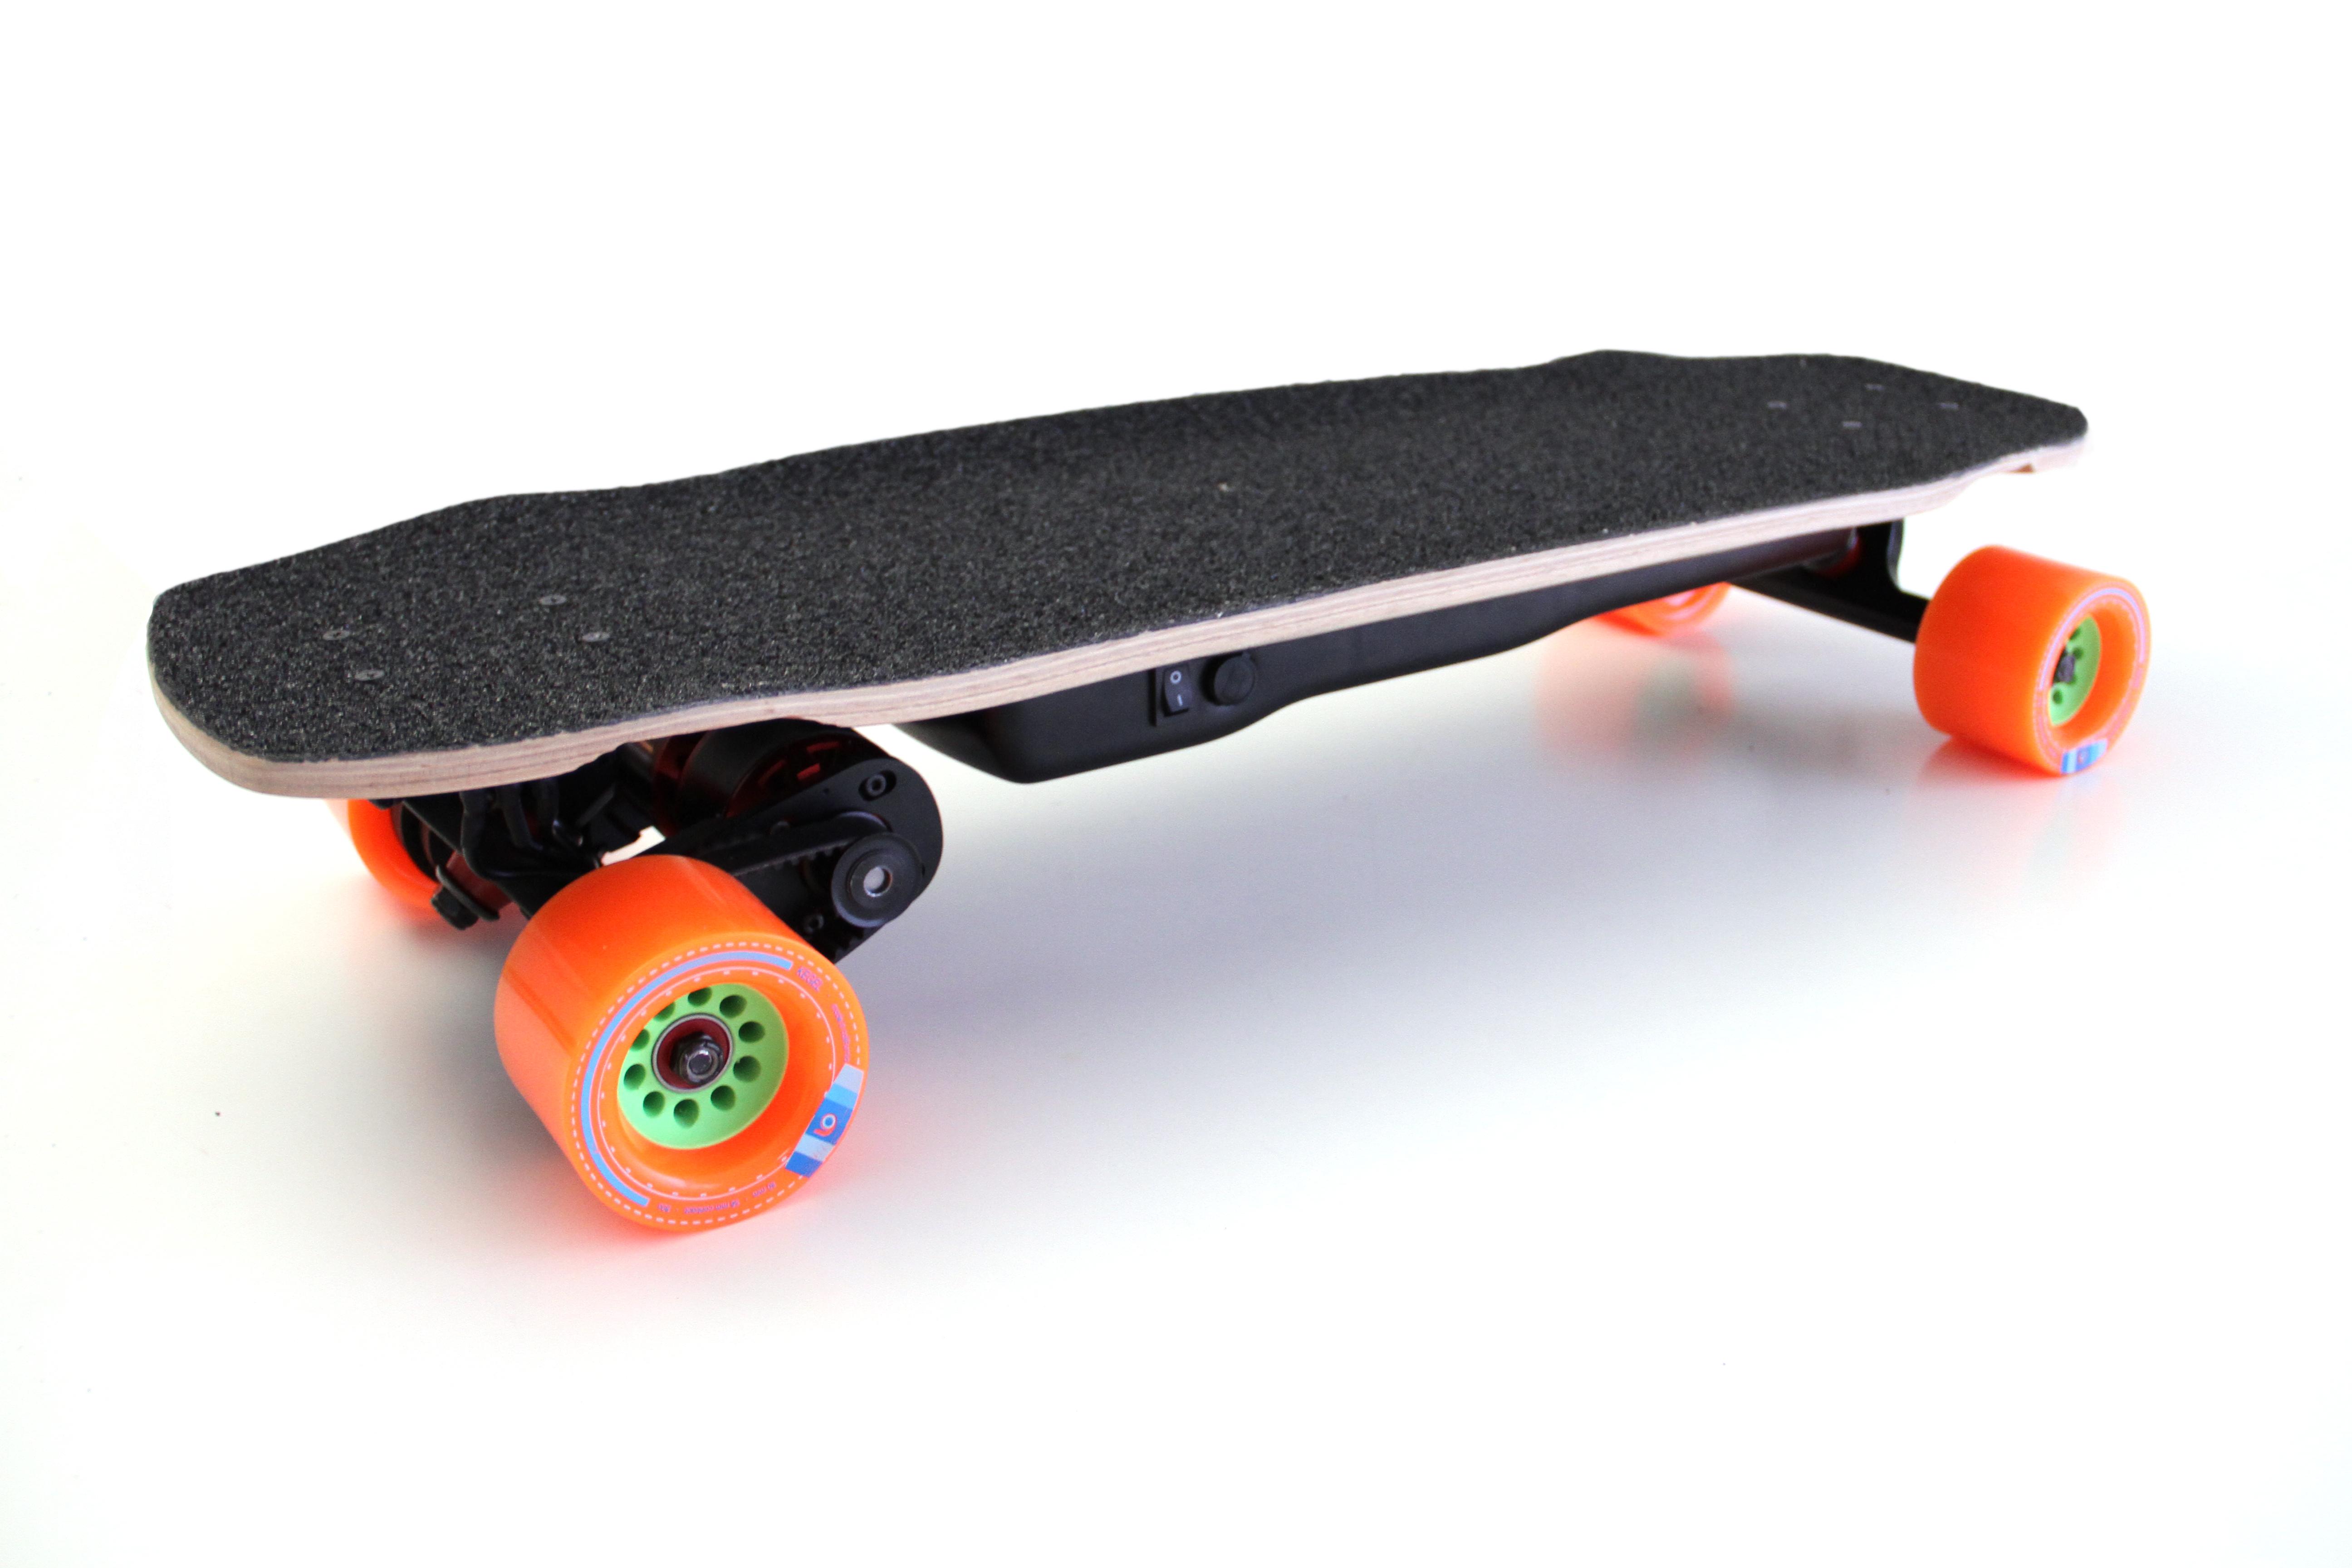 Déballage de l'UNiK PRO, e-skate français ultime